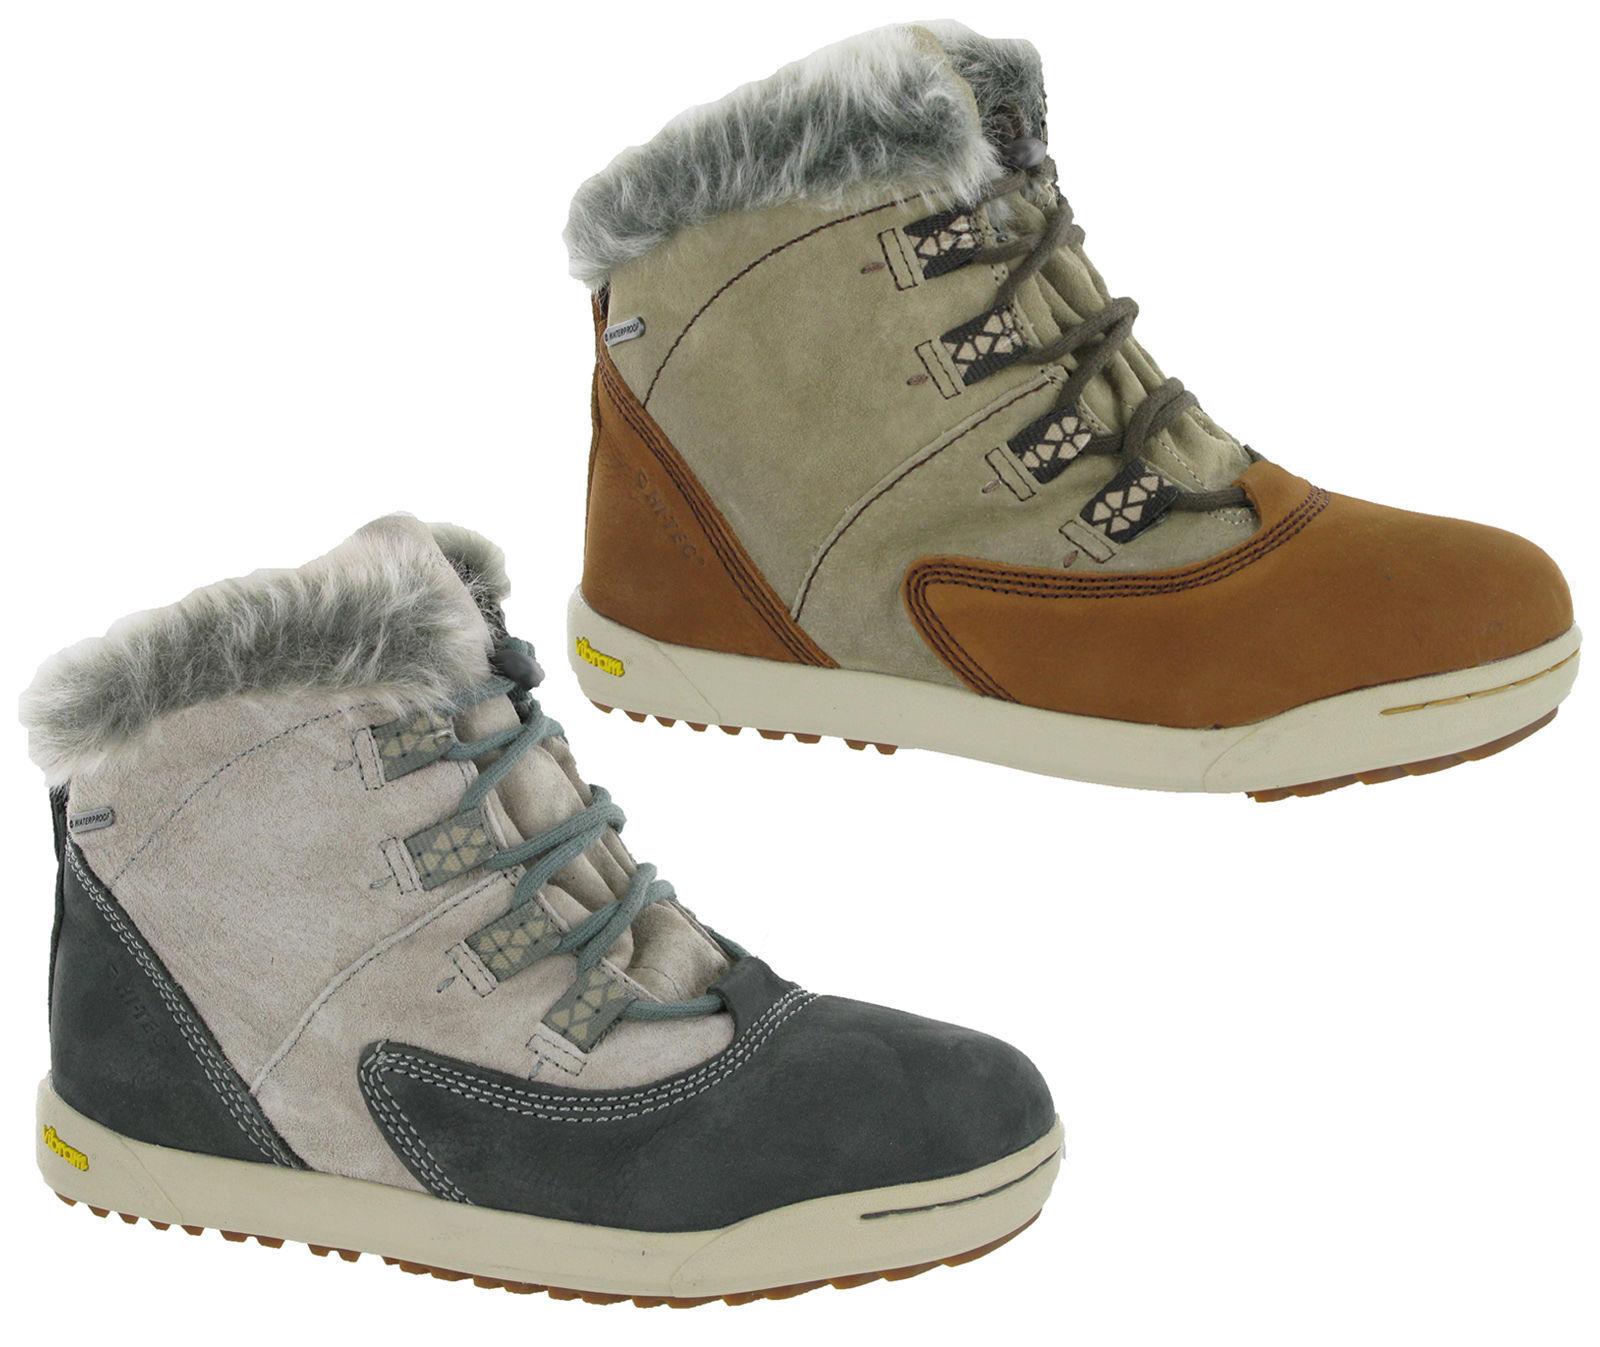 Hi-Tec Sierra Sina 200 WP Waterproof Thermal Ankle Walking Boots Womens